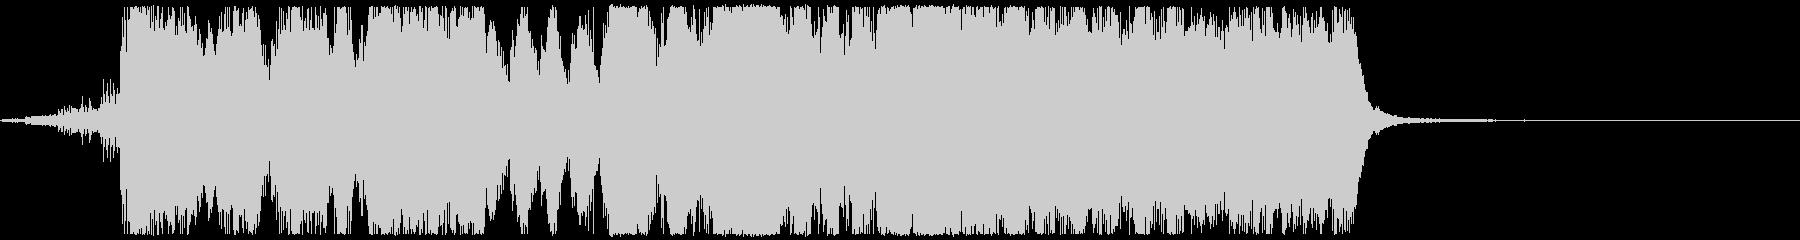 金管6重奏と打楽器によるファンファーレの未再生の波形